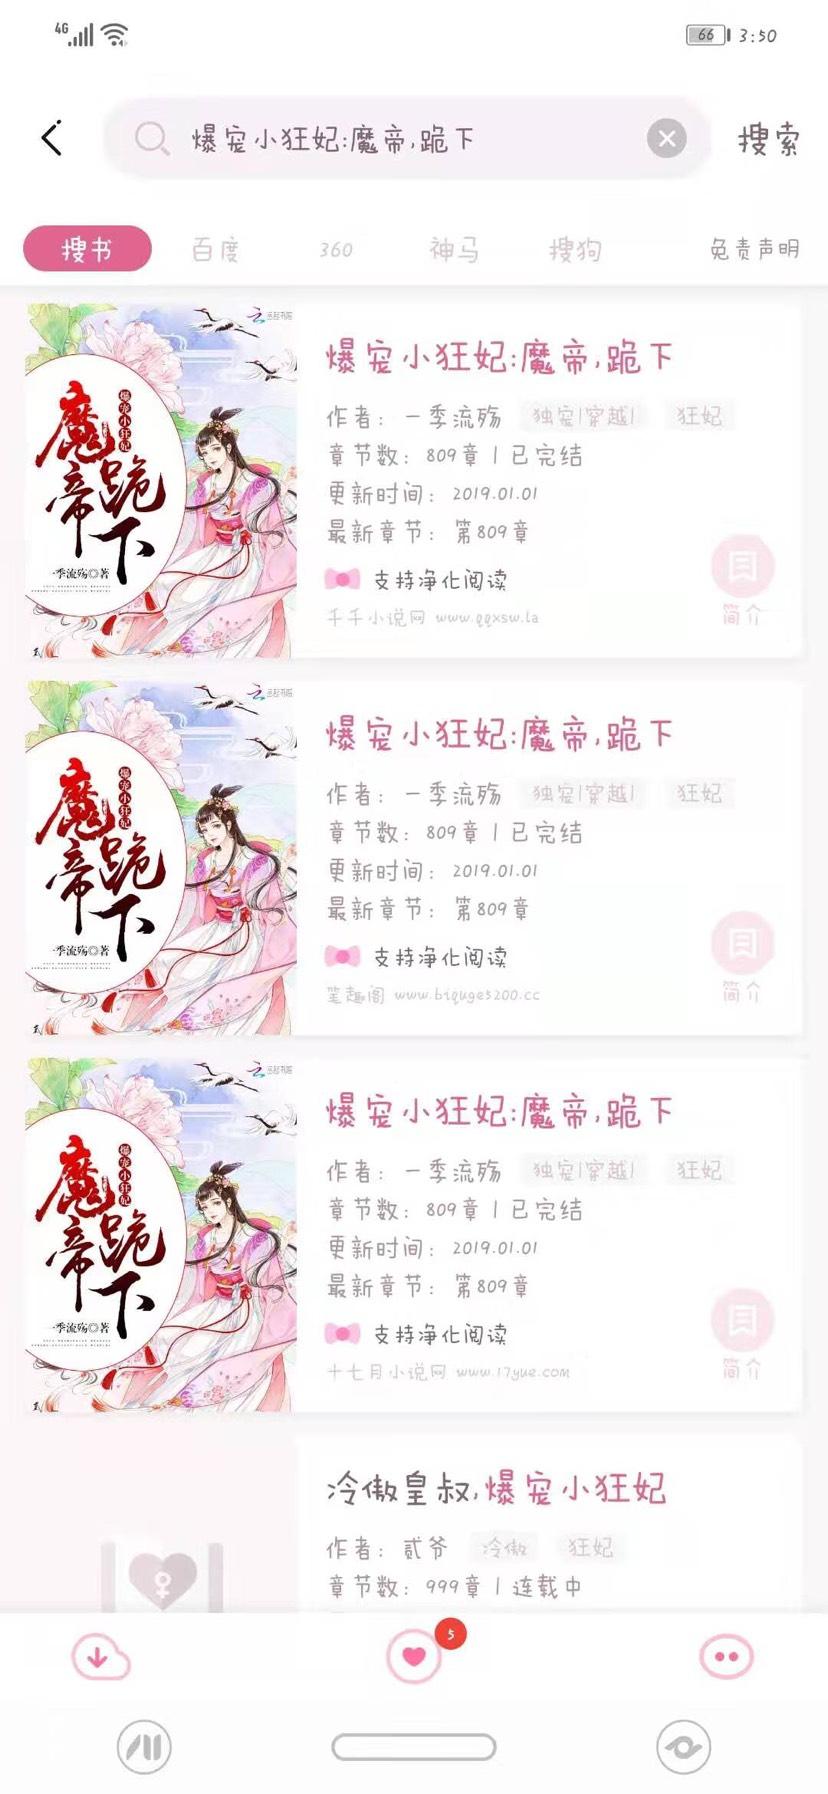 【分享】小说终结者!全网热门小说资源聚合纯净版